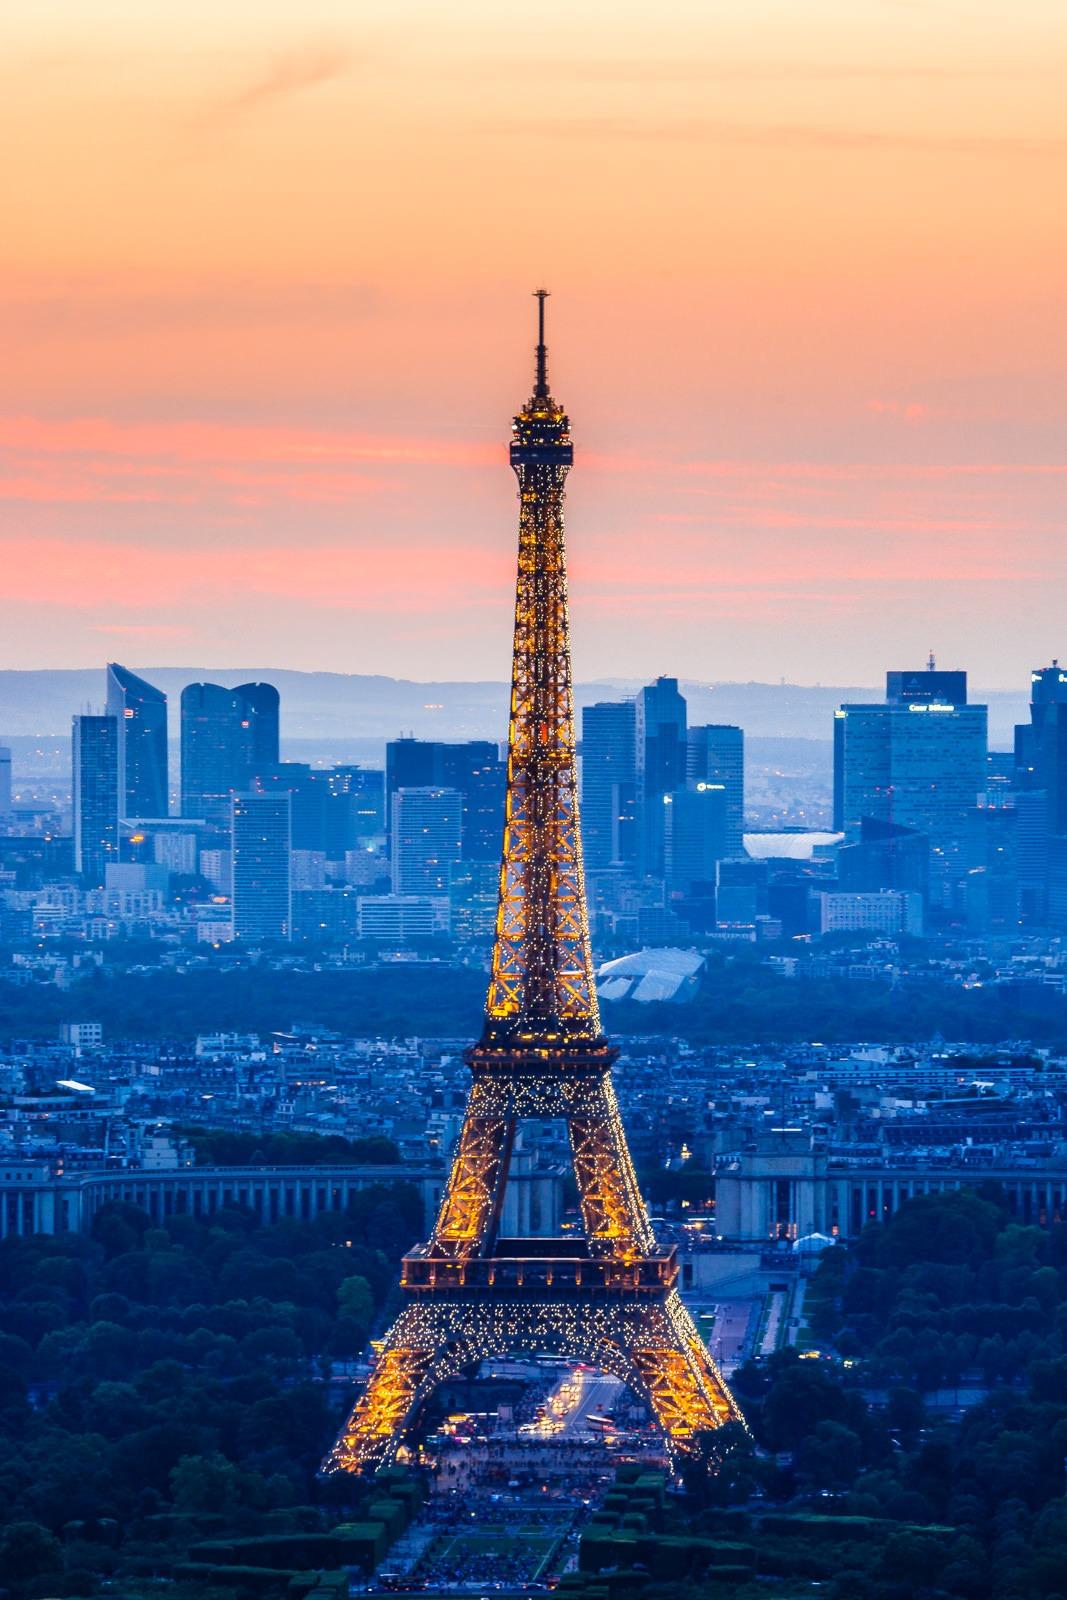 Faire de belles photos d architecture lumi re pierre l - A quelle heure se couche le soleil ce soir ...